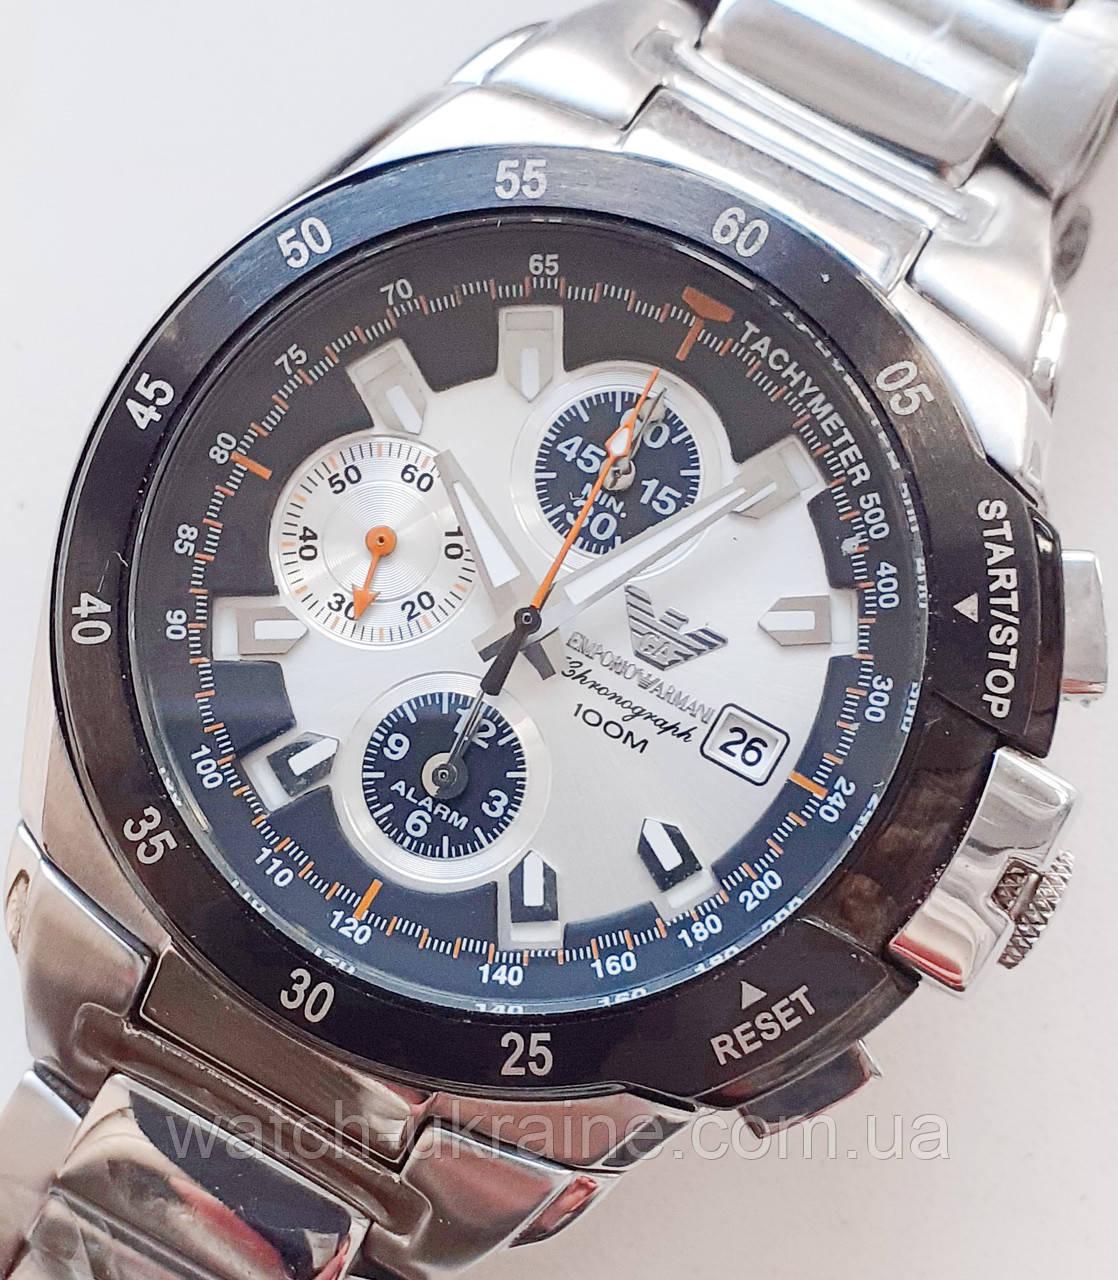 Часы EMPORIO ARMANI хронограф.Класс ААА